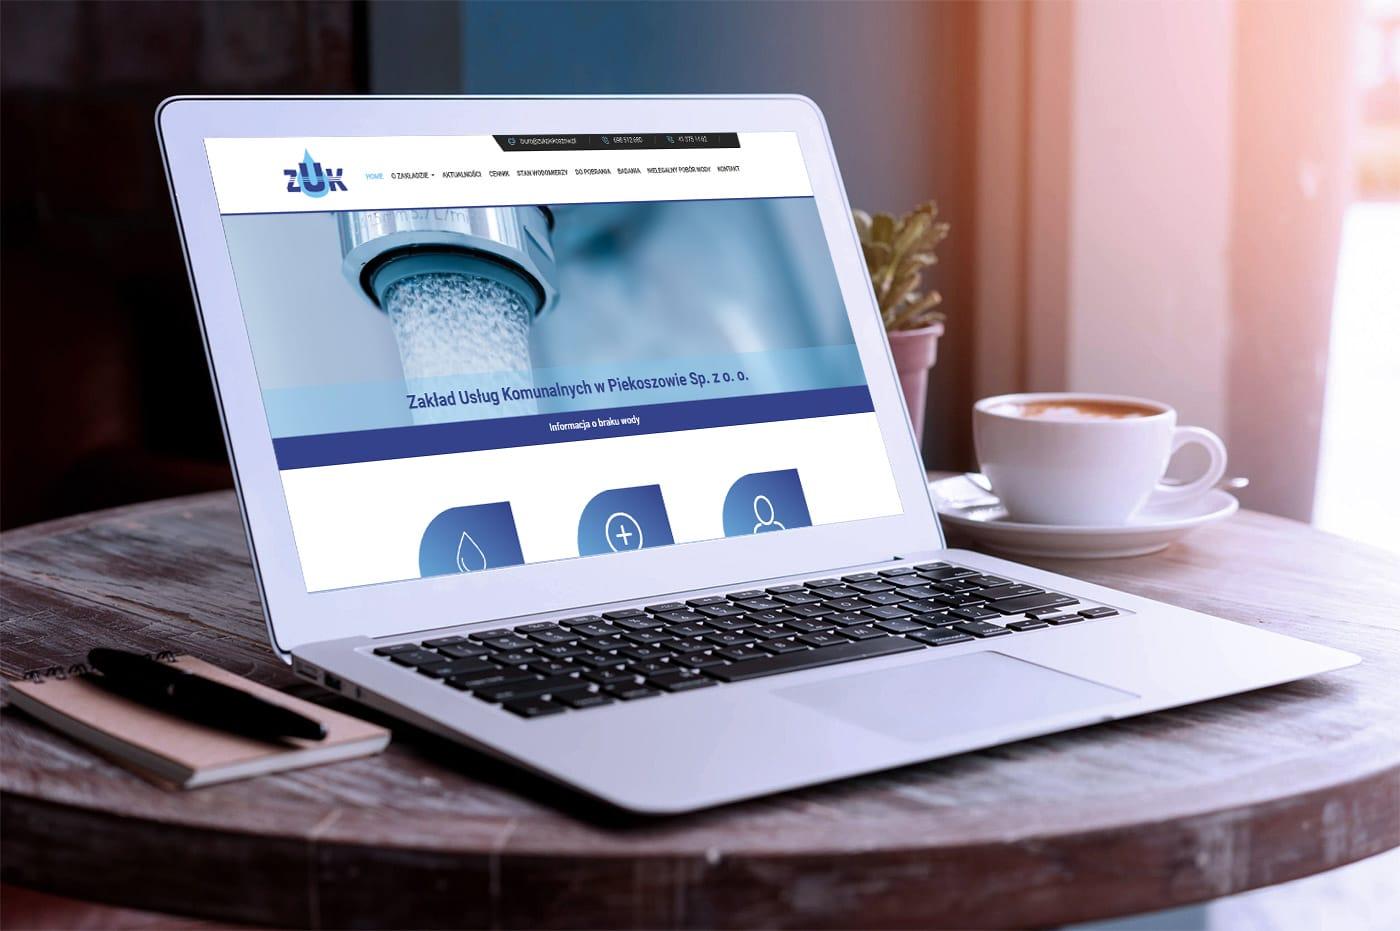 projektowanie stron internetowych zukpiekoszow.pl siplex - Portfolio 1